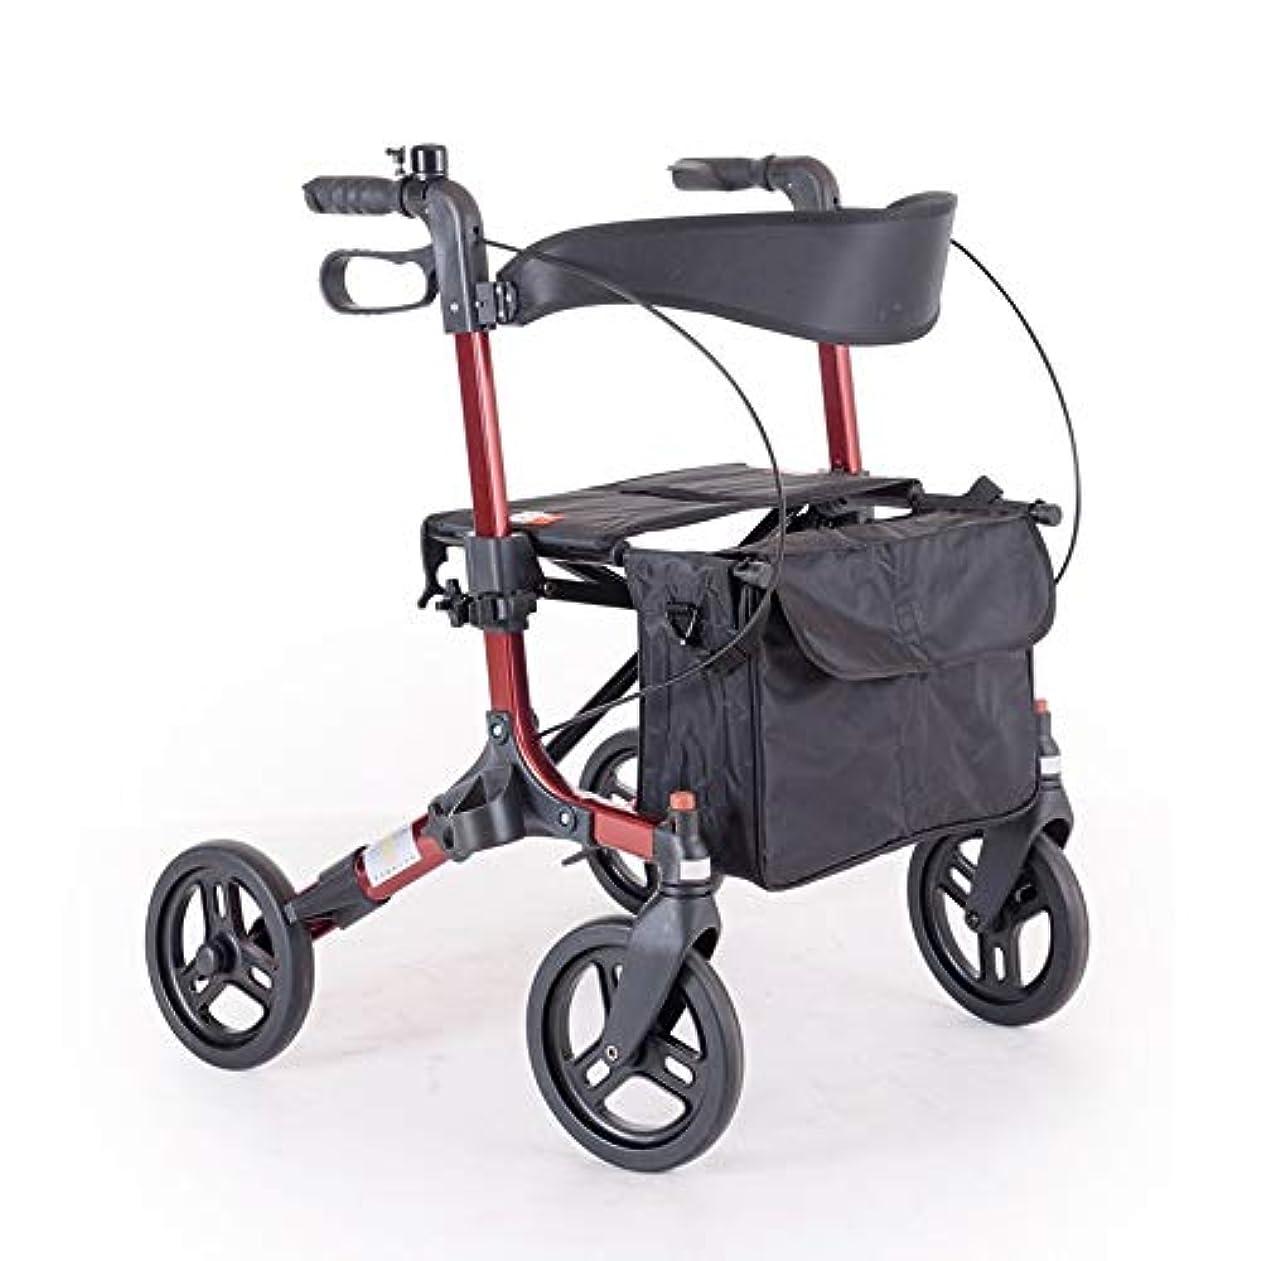 裏切り野球ライド折り畳み式の軽量コンパクトな歩行器、シートとバッグ付き